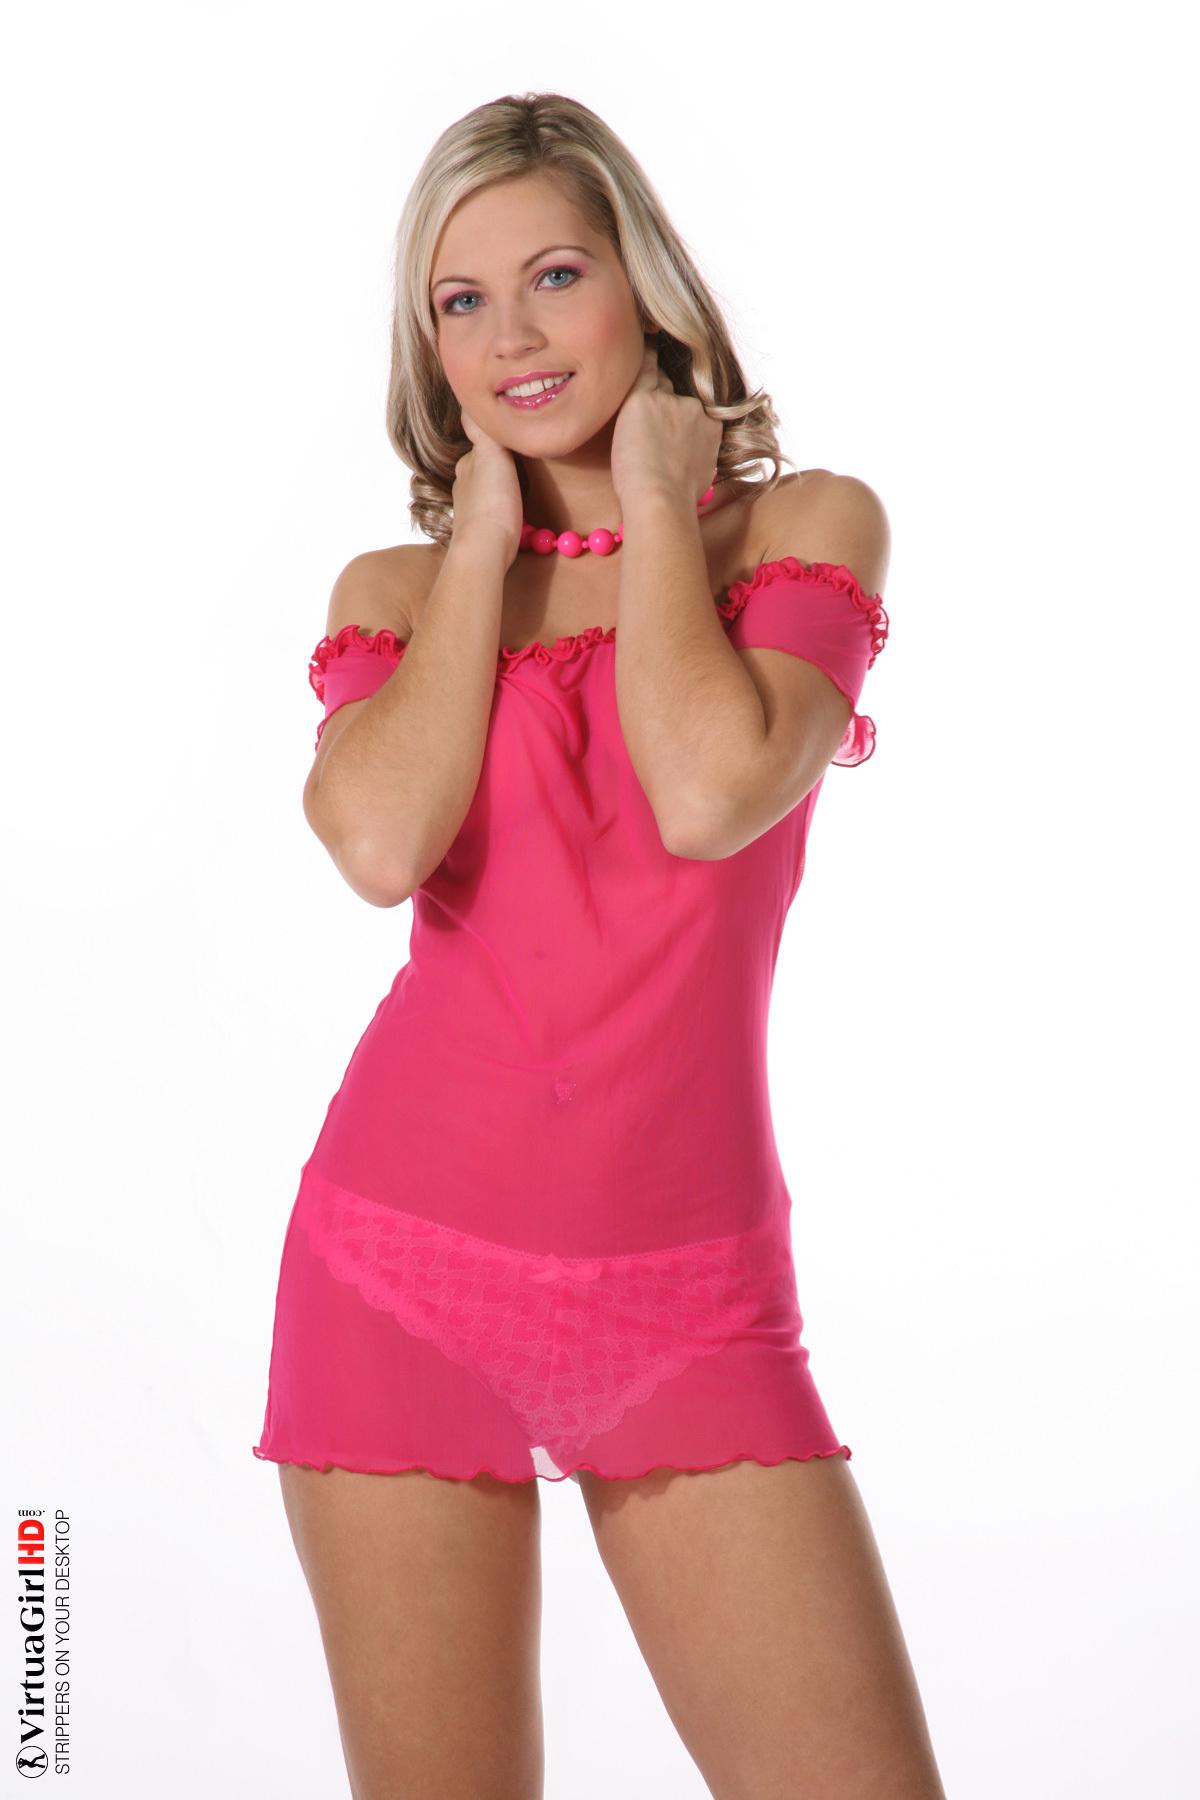 joel \desktop stripper\